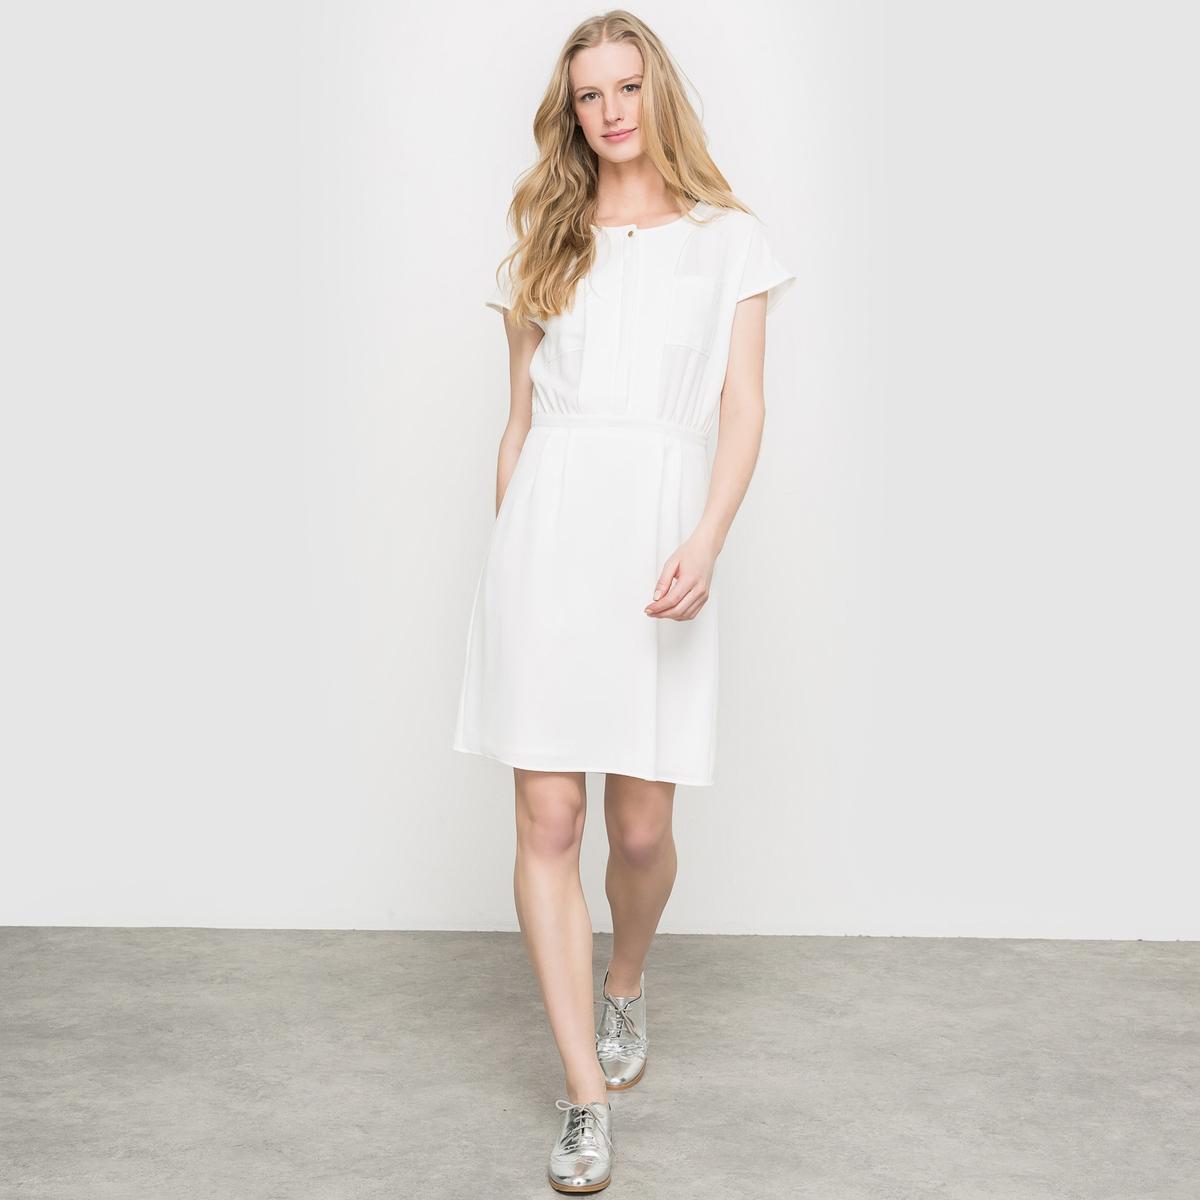 Платье с короткими рукавамиКороткие рукава. Эластичный пояс. Широкая вставка на талии. Два накладных кармана на груди. Платье 98% полиэстера, 2% эластана. Длина 92 см.<br><br>Цвет: экрю<br>Размер: 38 (FR) - 44 (RUS).42 (FR) - 48 (RUS).44 (FR) - 50 (RUS)